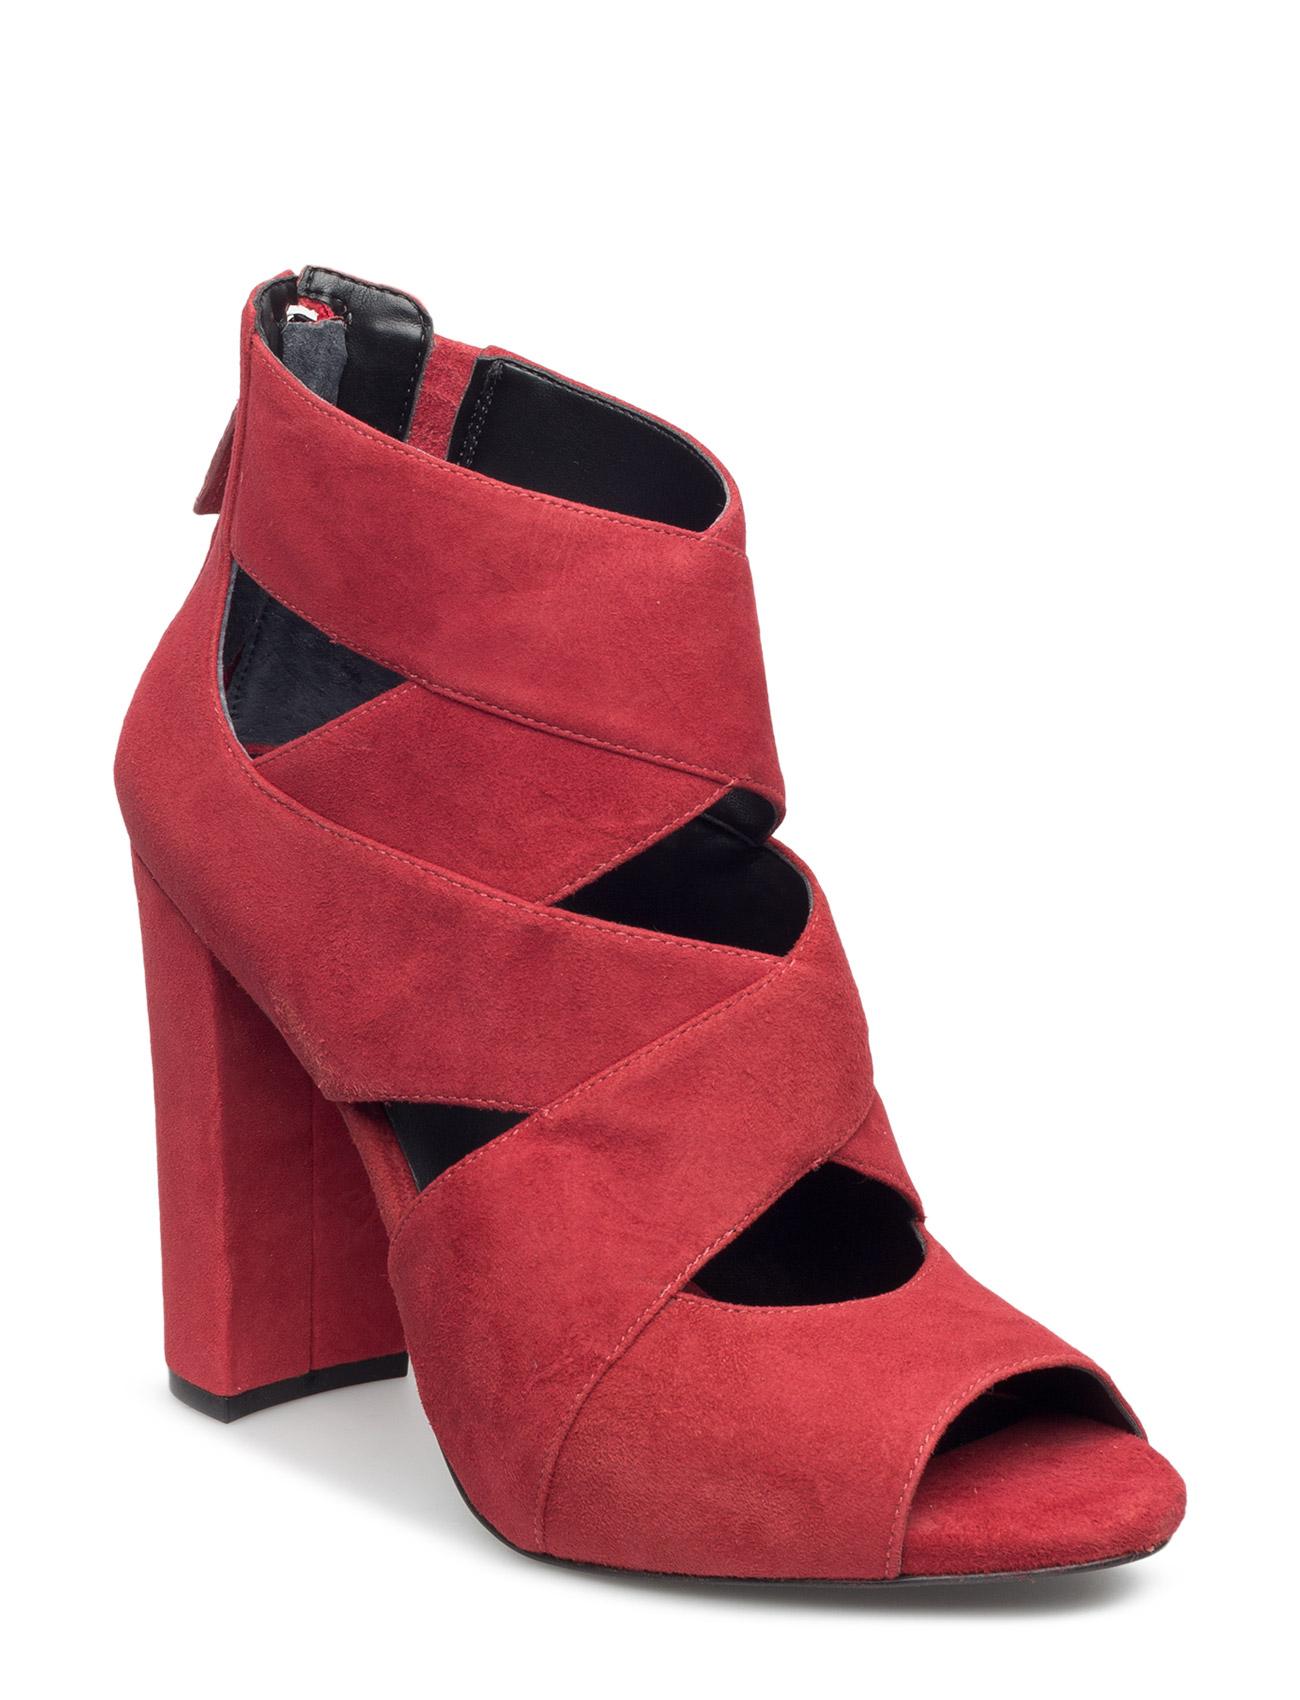 Abbey/Stivaletto (Bootie)/Sued GUESS Sandaler til Damer i Rød